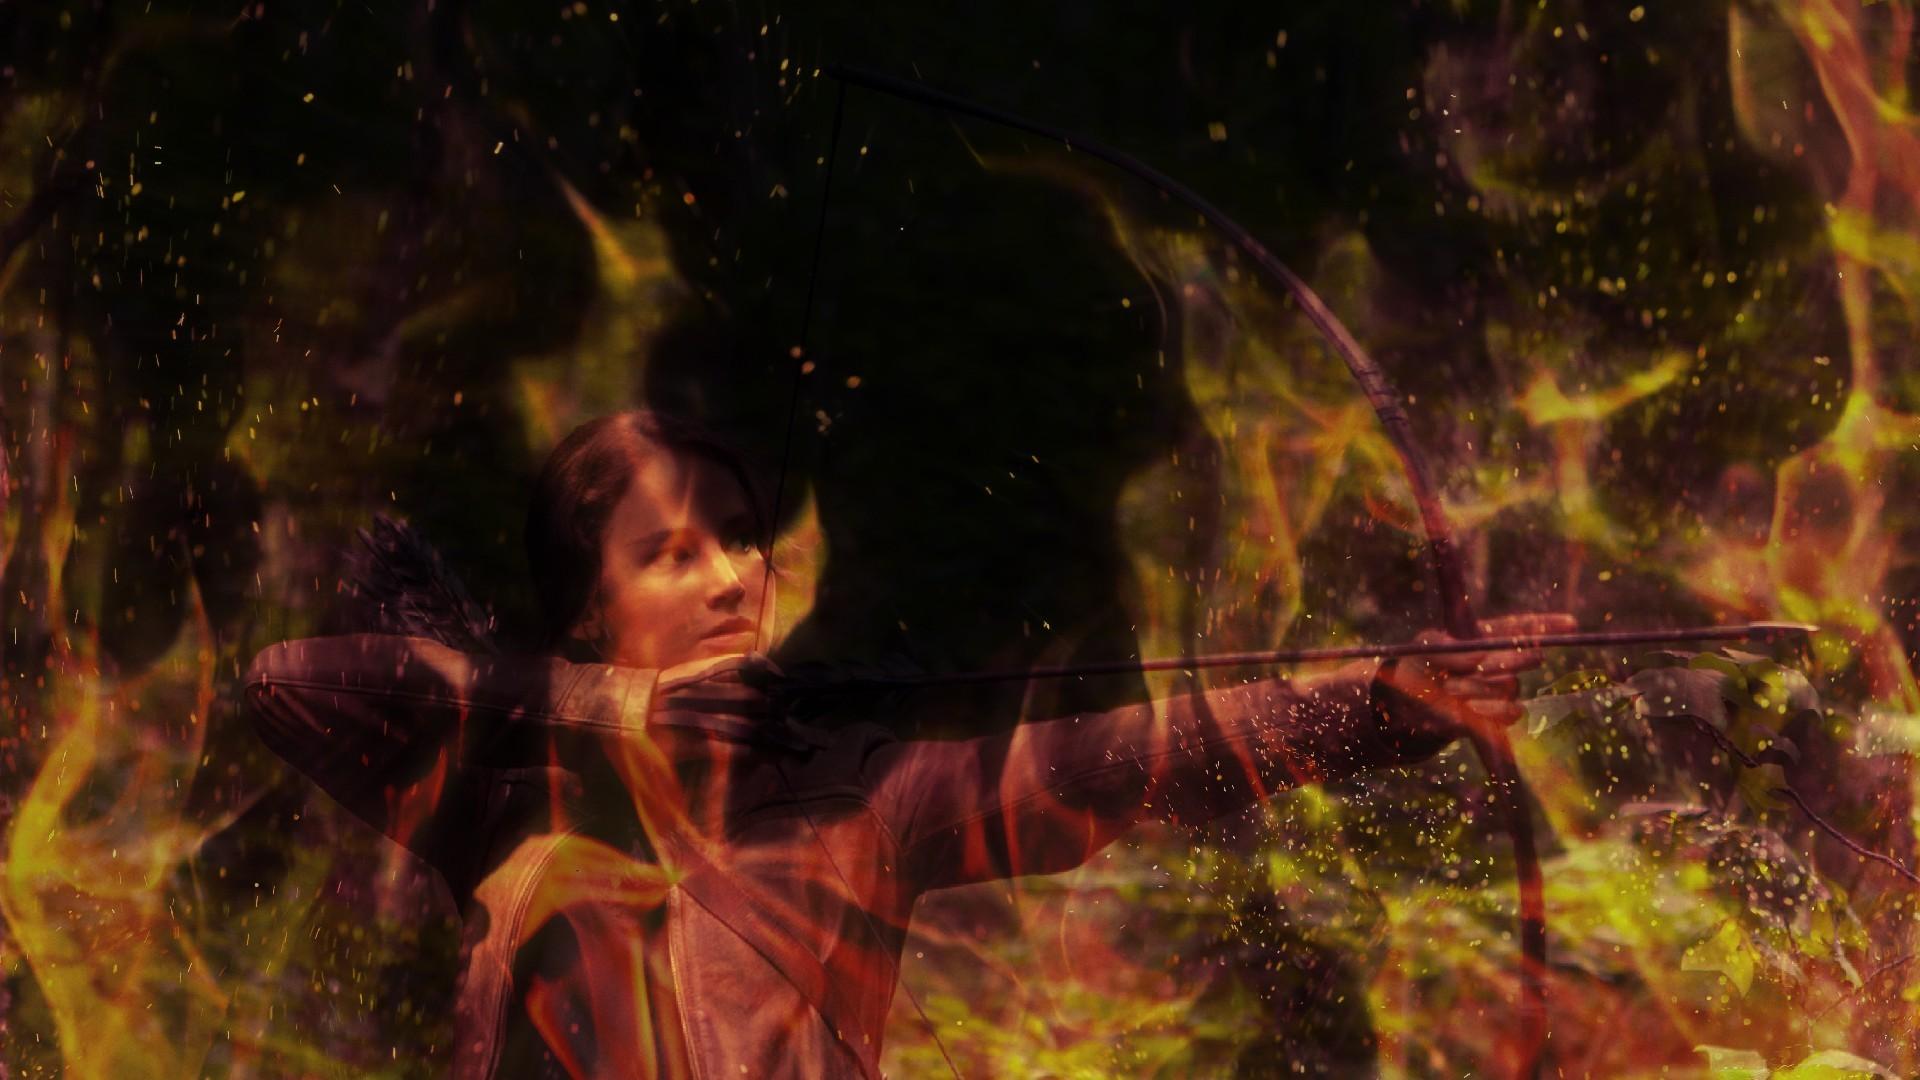 Res: 1920x1080, Jennifer lawrence katniss everdeen the hunger games fire wallpaper